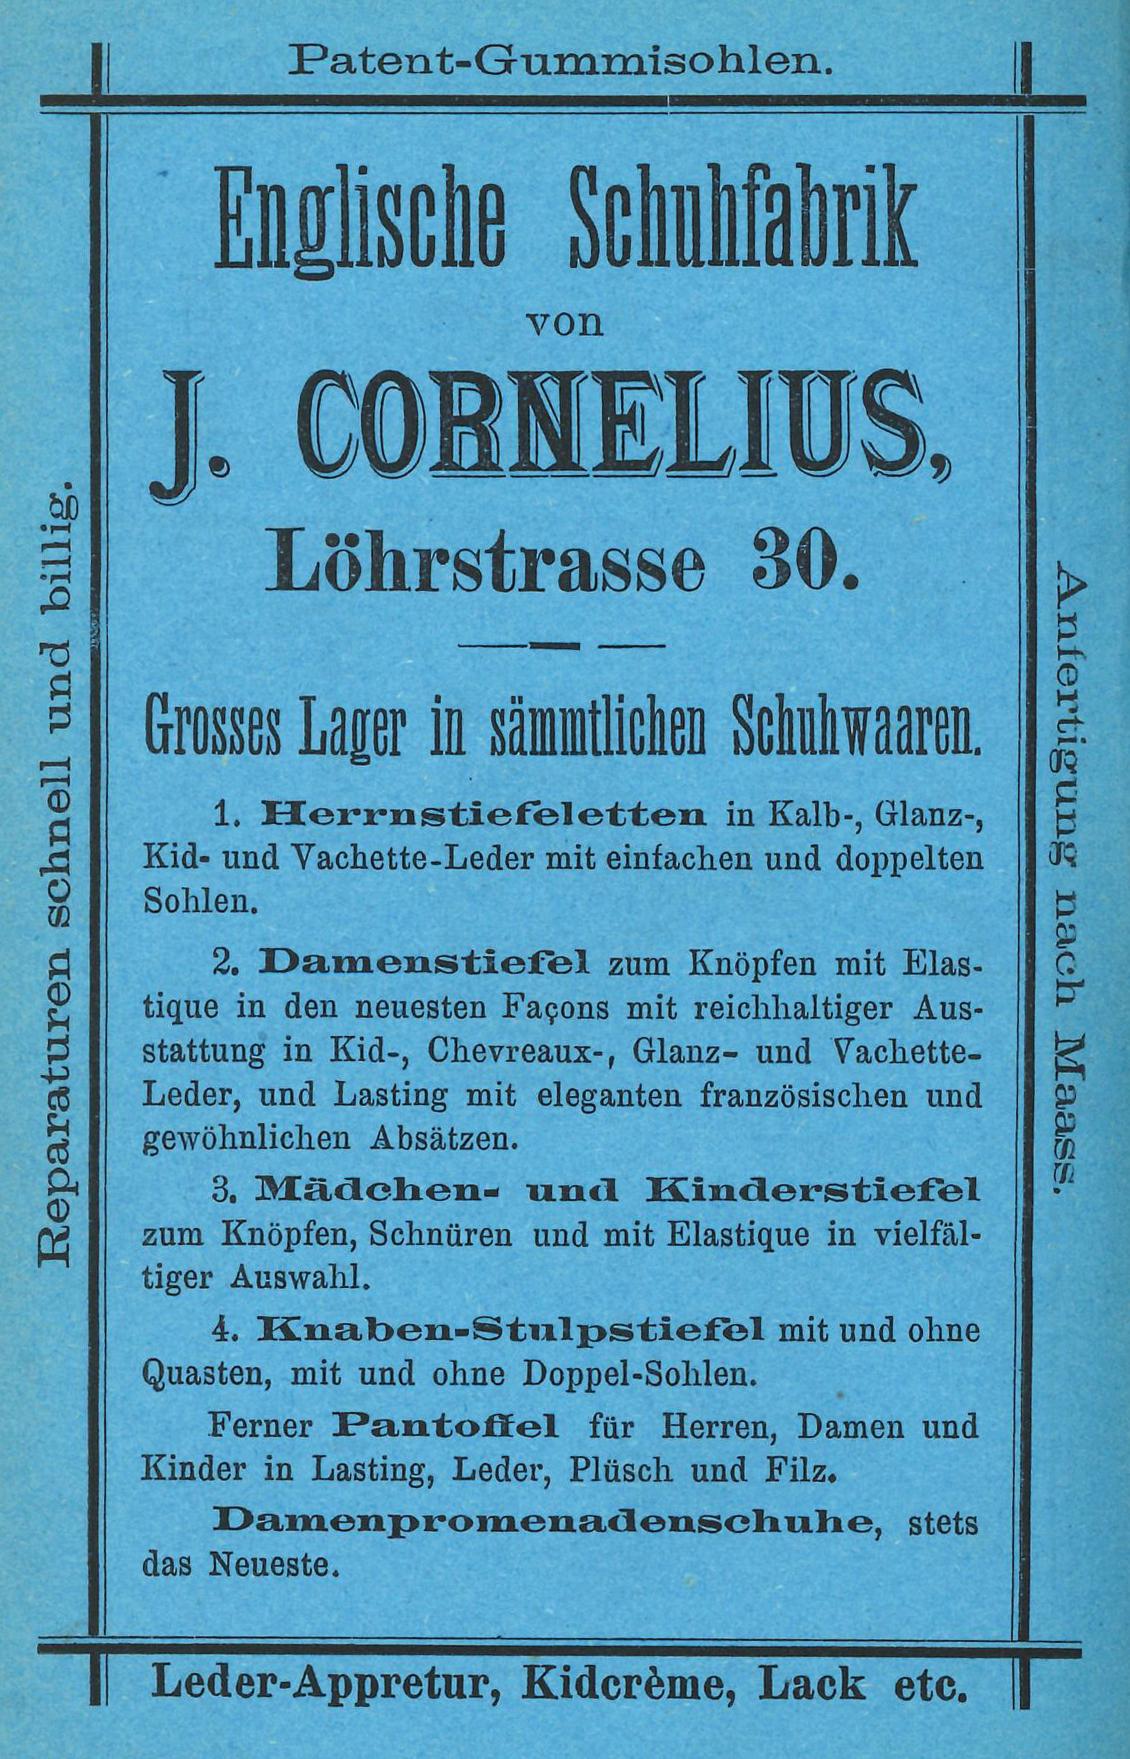 Schuhfabrik_Confluentia_01_Anzeige_1879